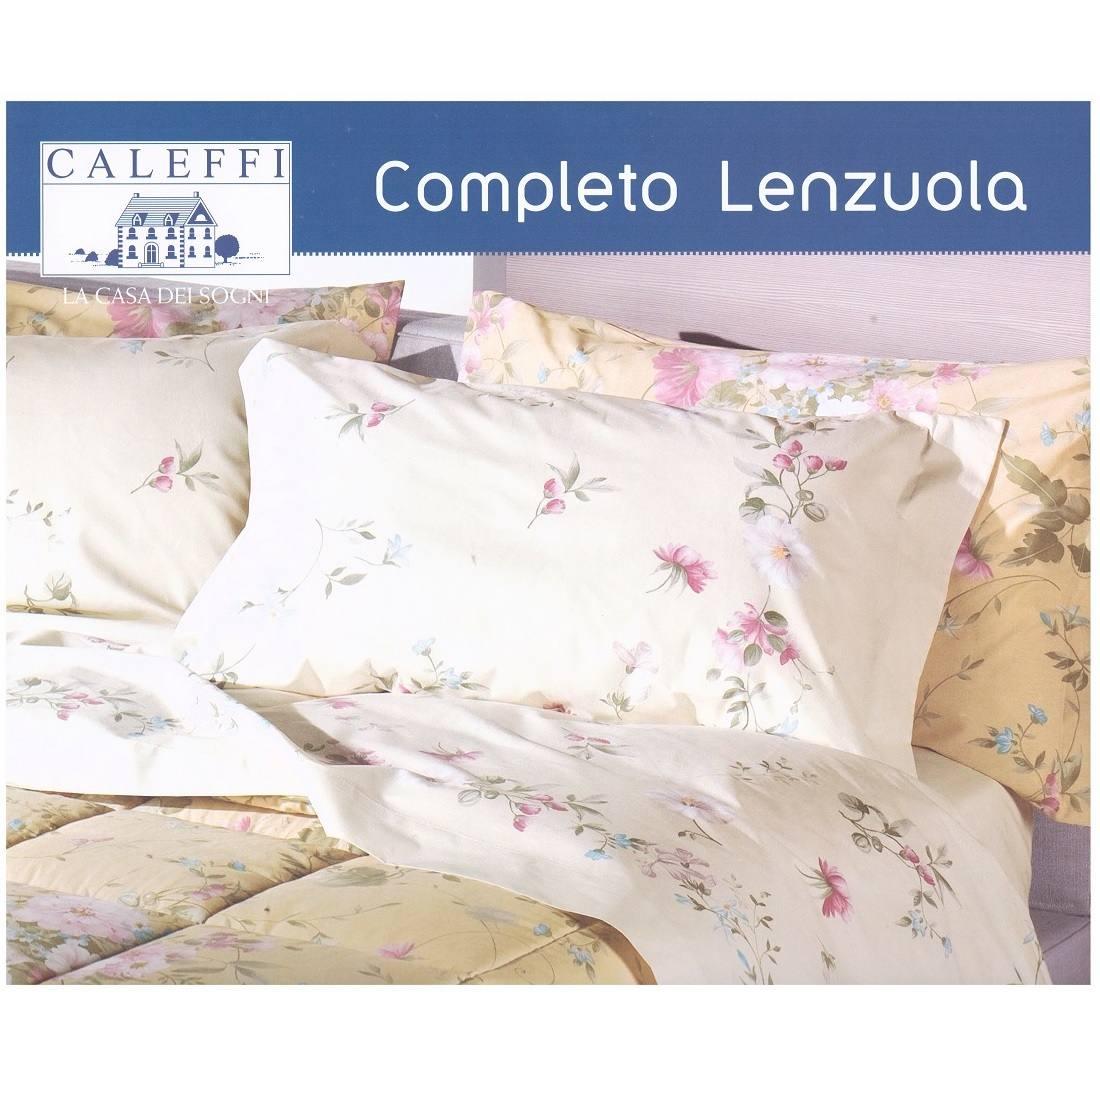 Matrimoniale Lenzuola Copriletto Completo Letto Cotone CALEFFI FIOR DI PESCO